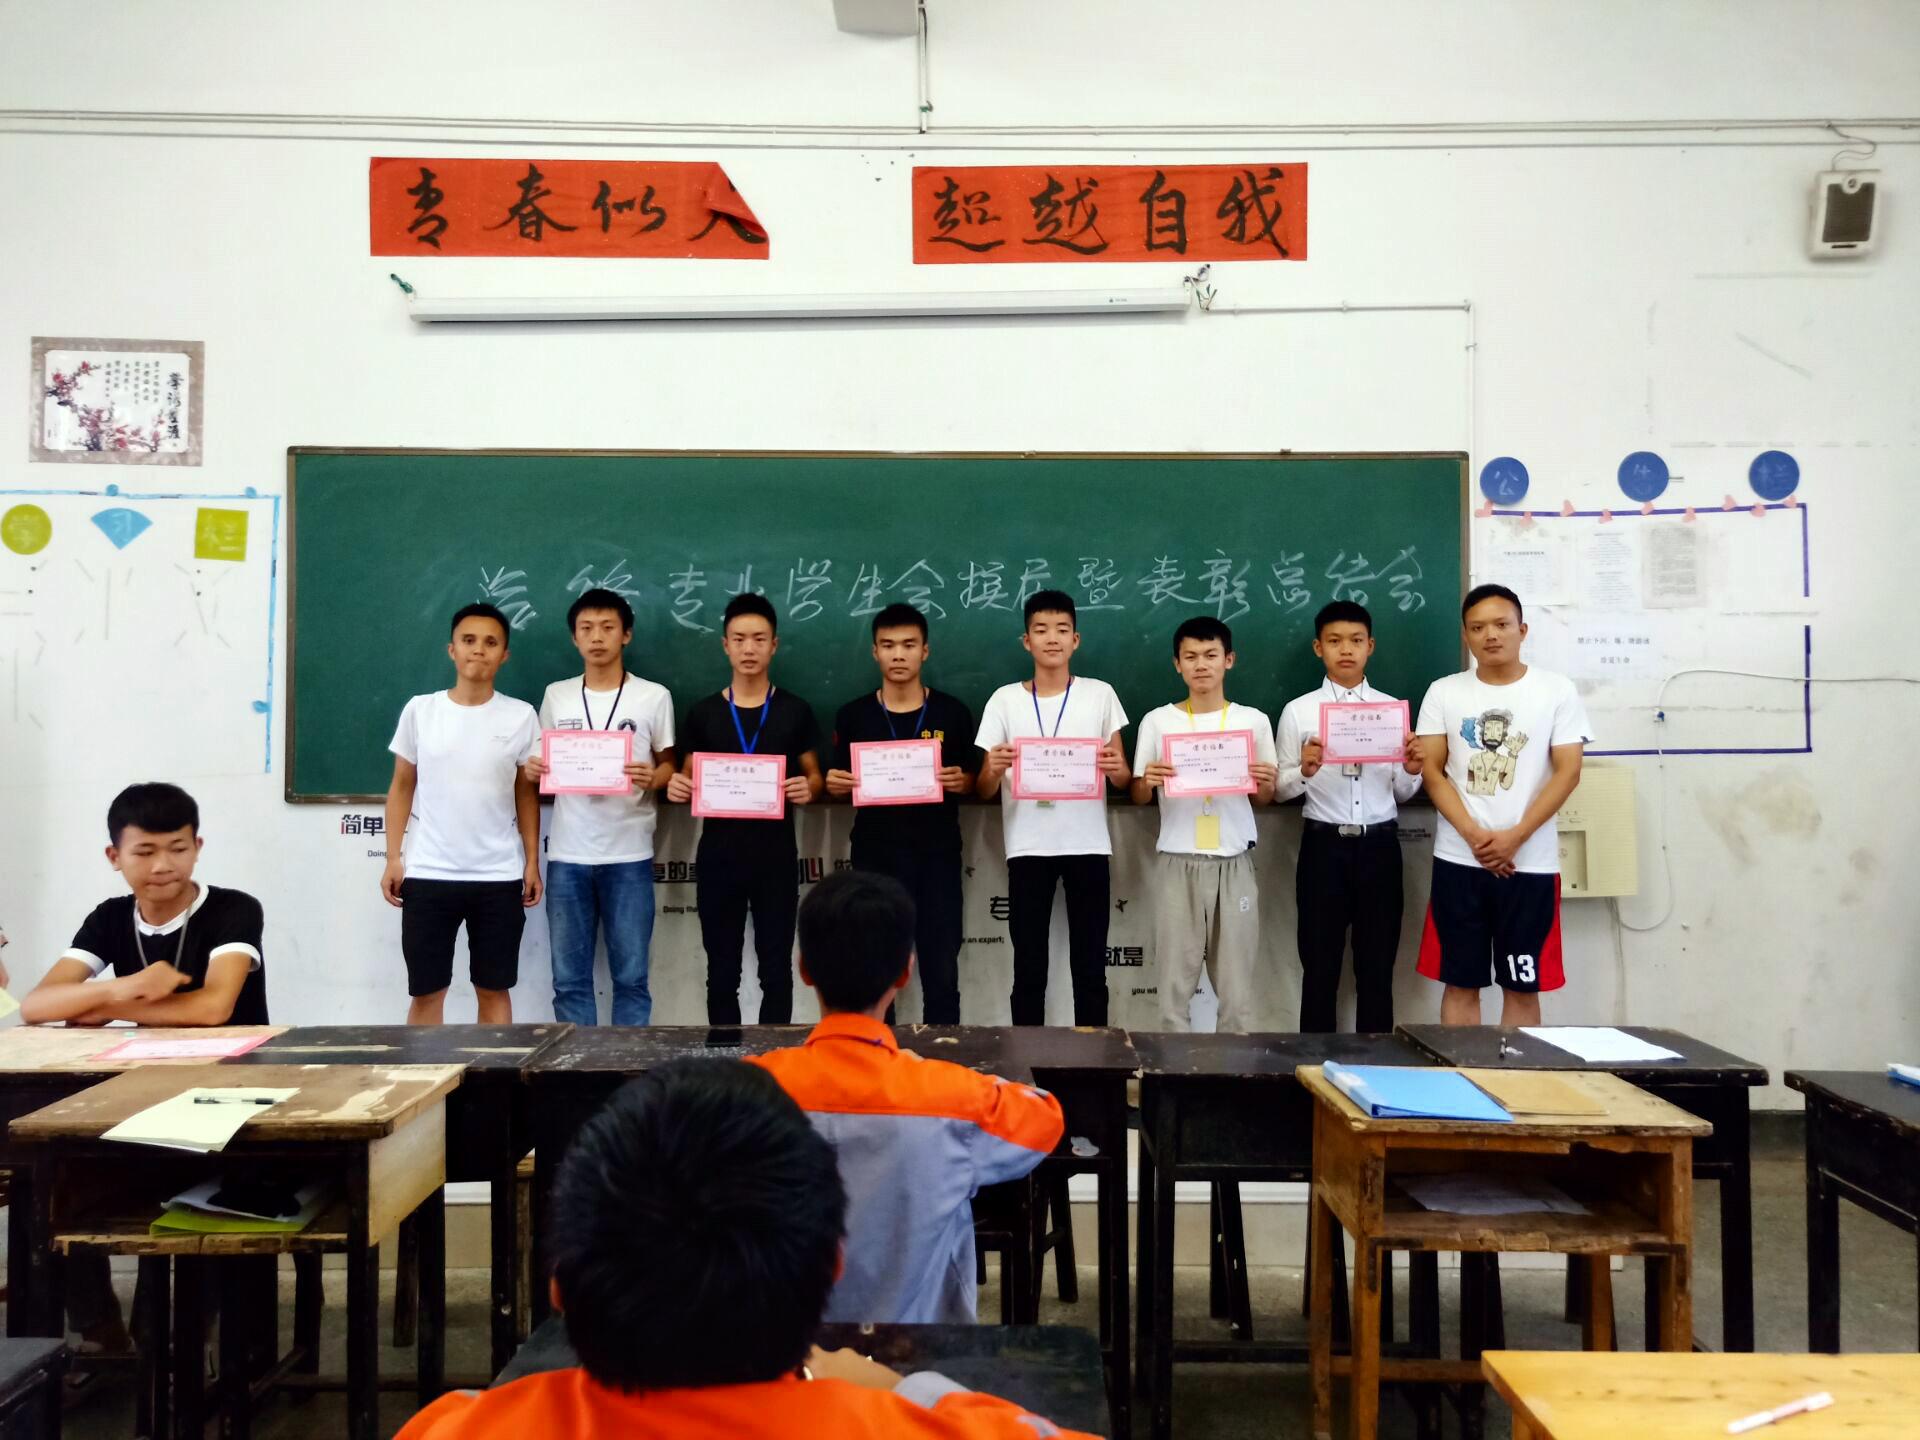 汽修部顺利召开学生会总结暨表彰大会